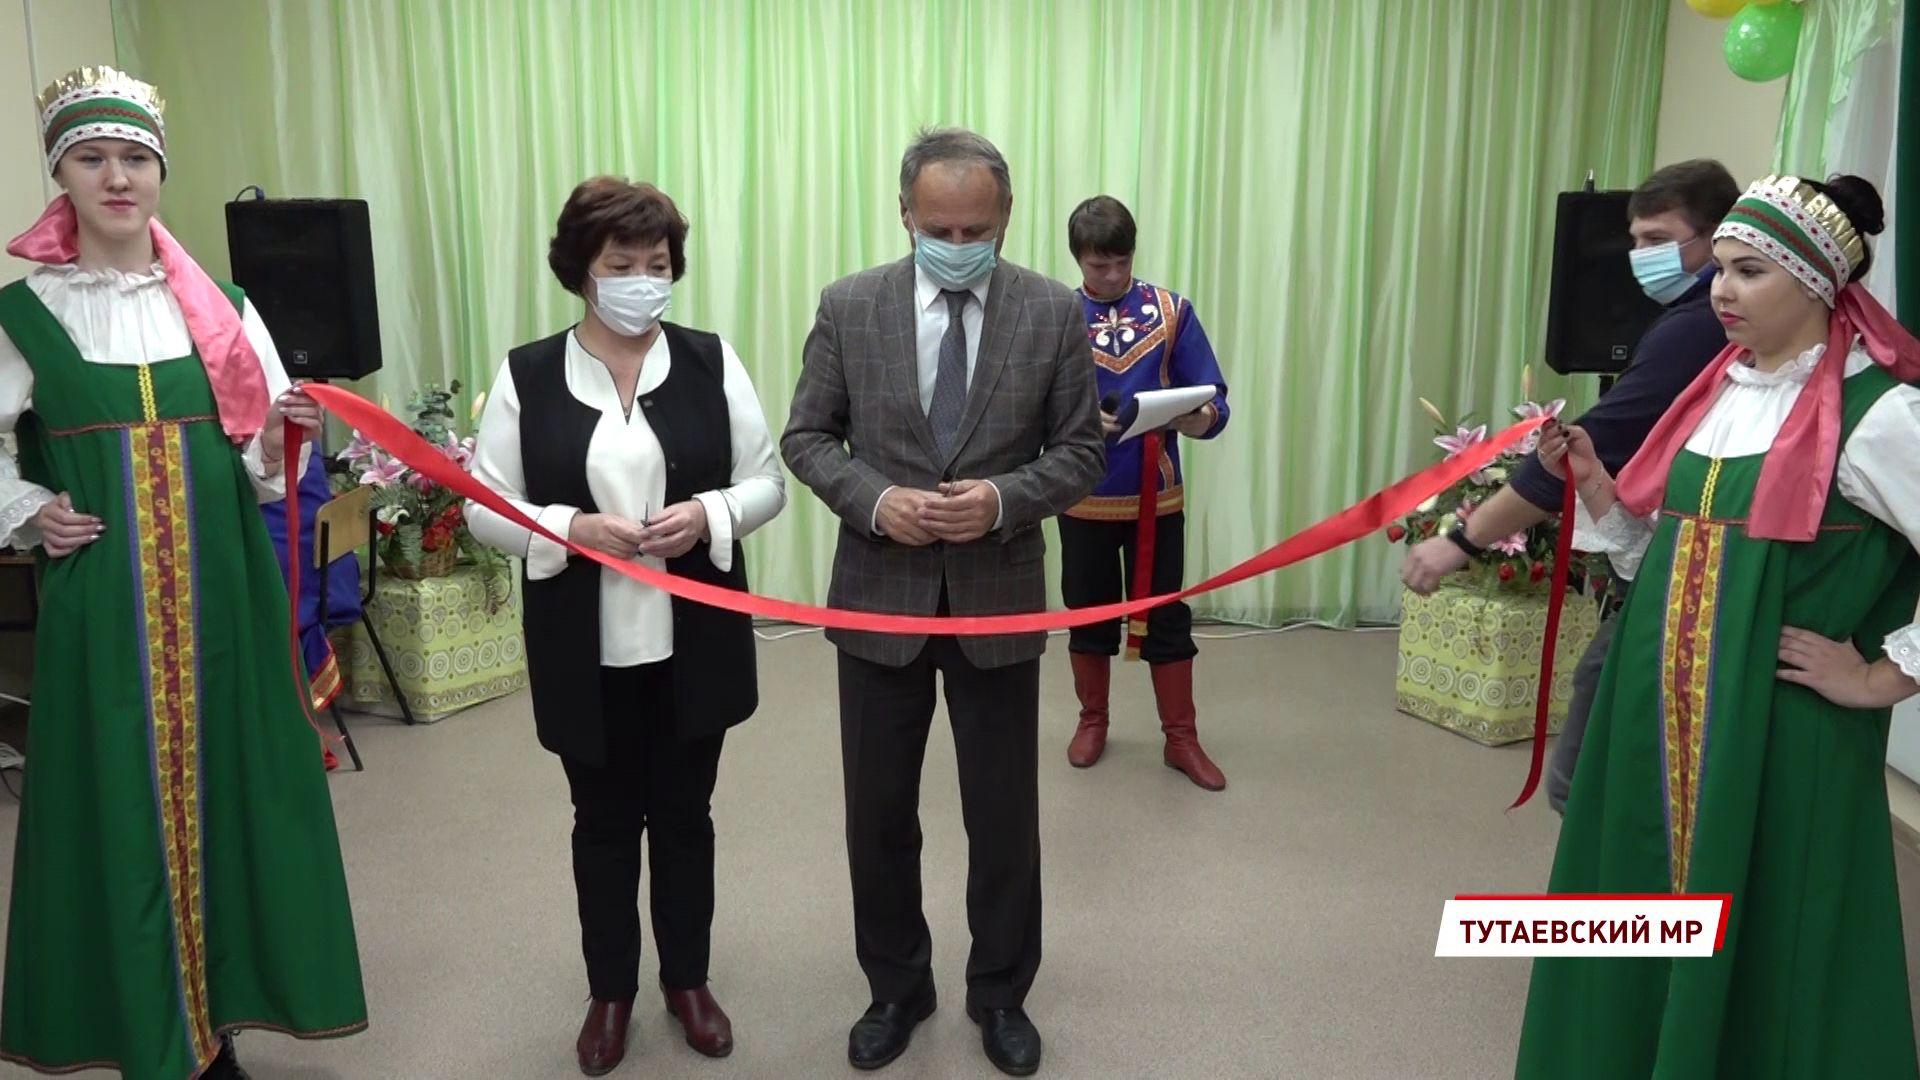 В Тутаевском районе открылся обновленный актовый зал дома культуры